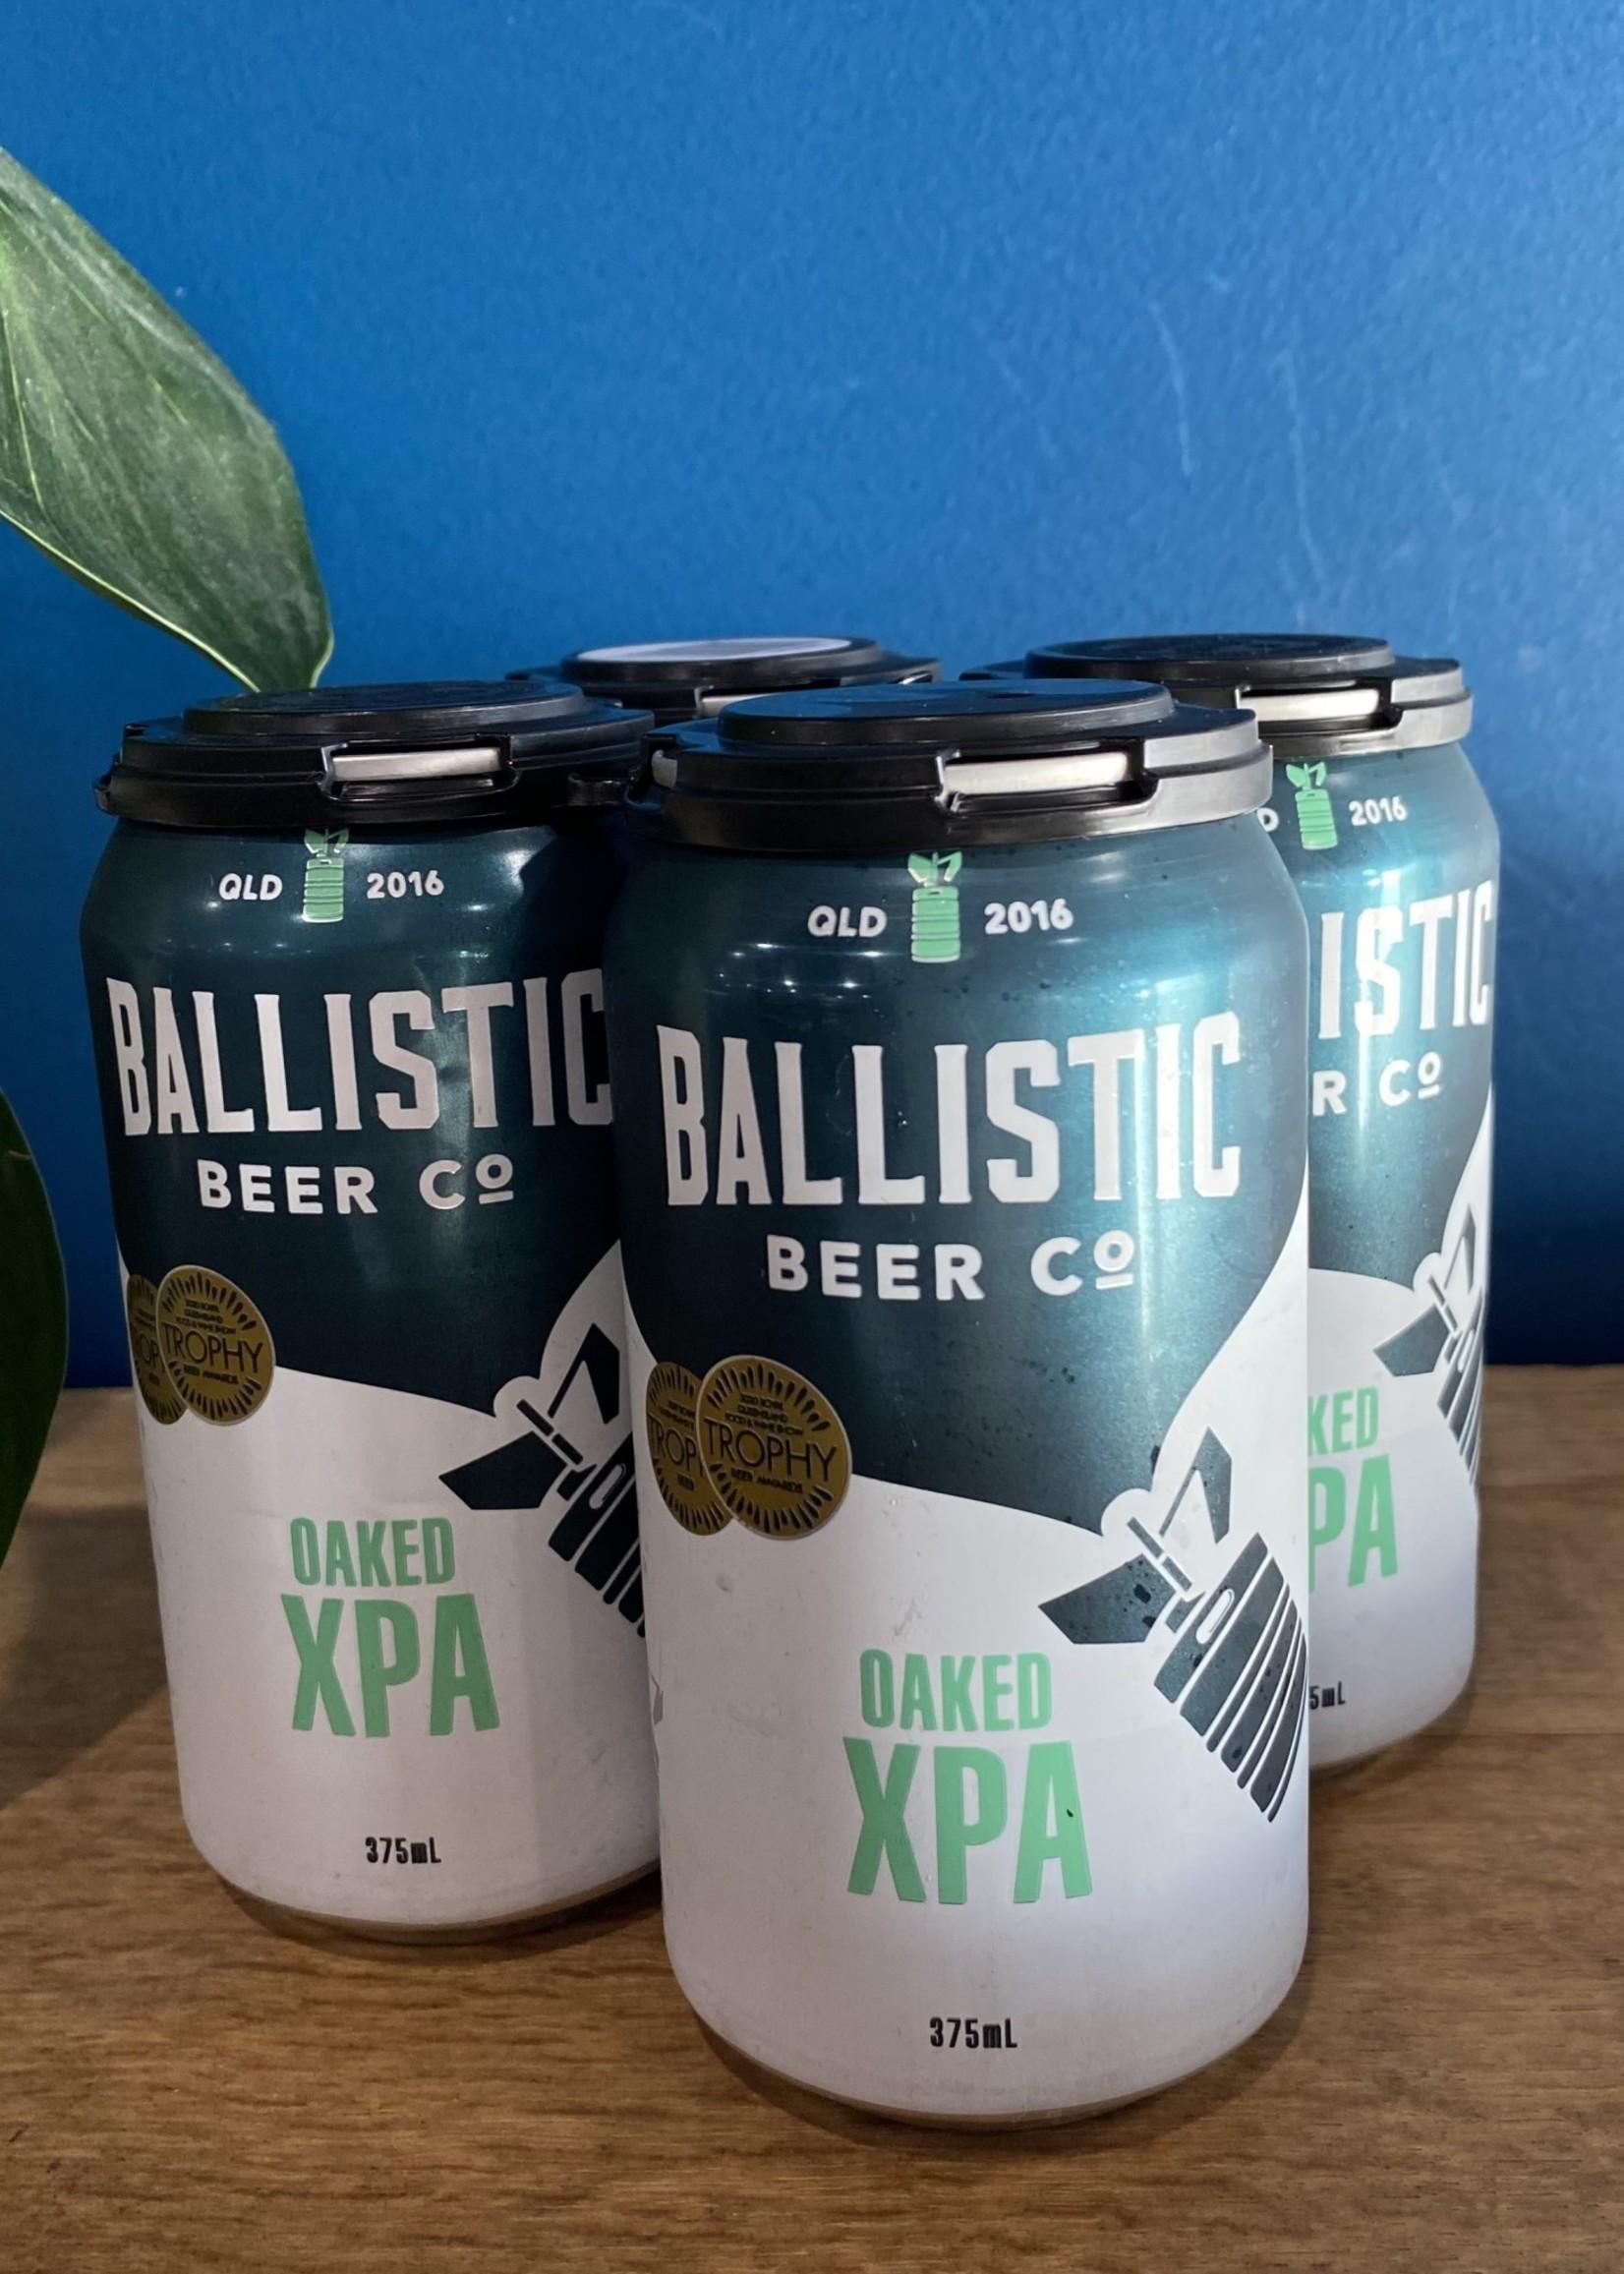 Ballistic Ballistic Oaked XPA